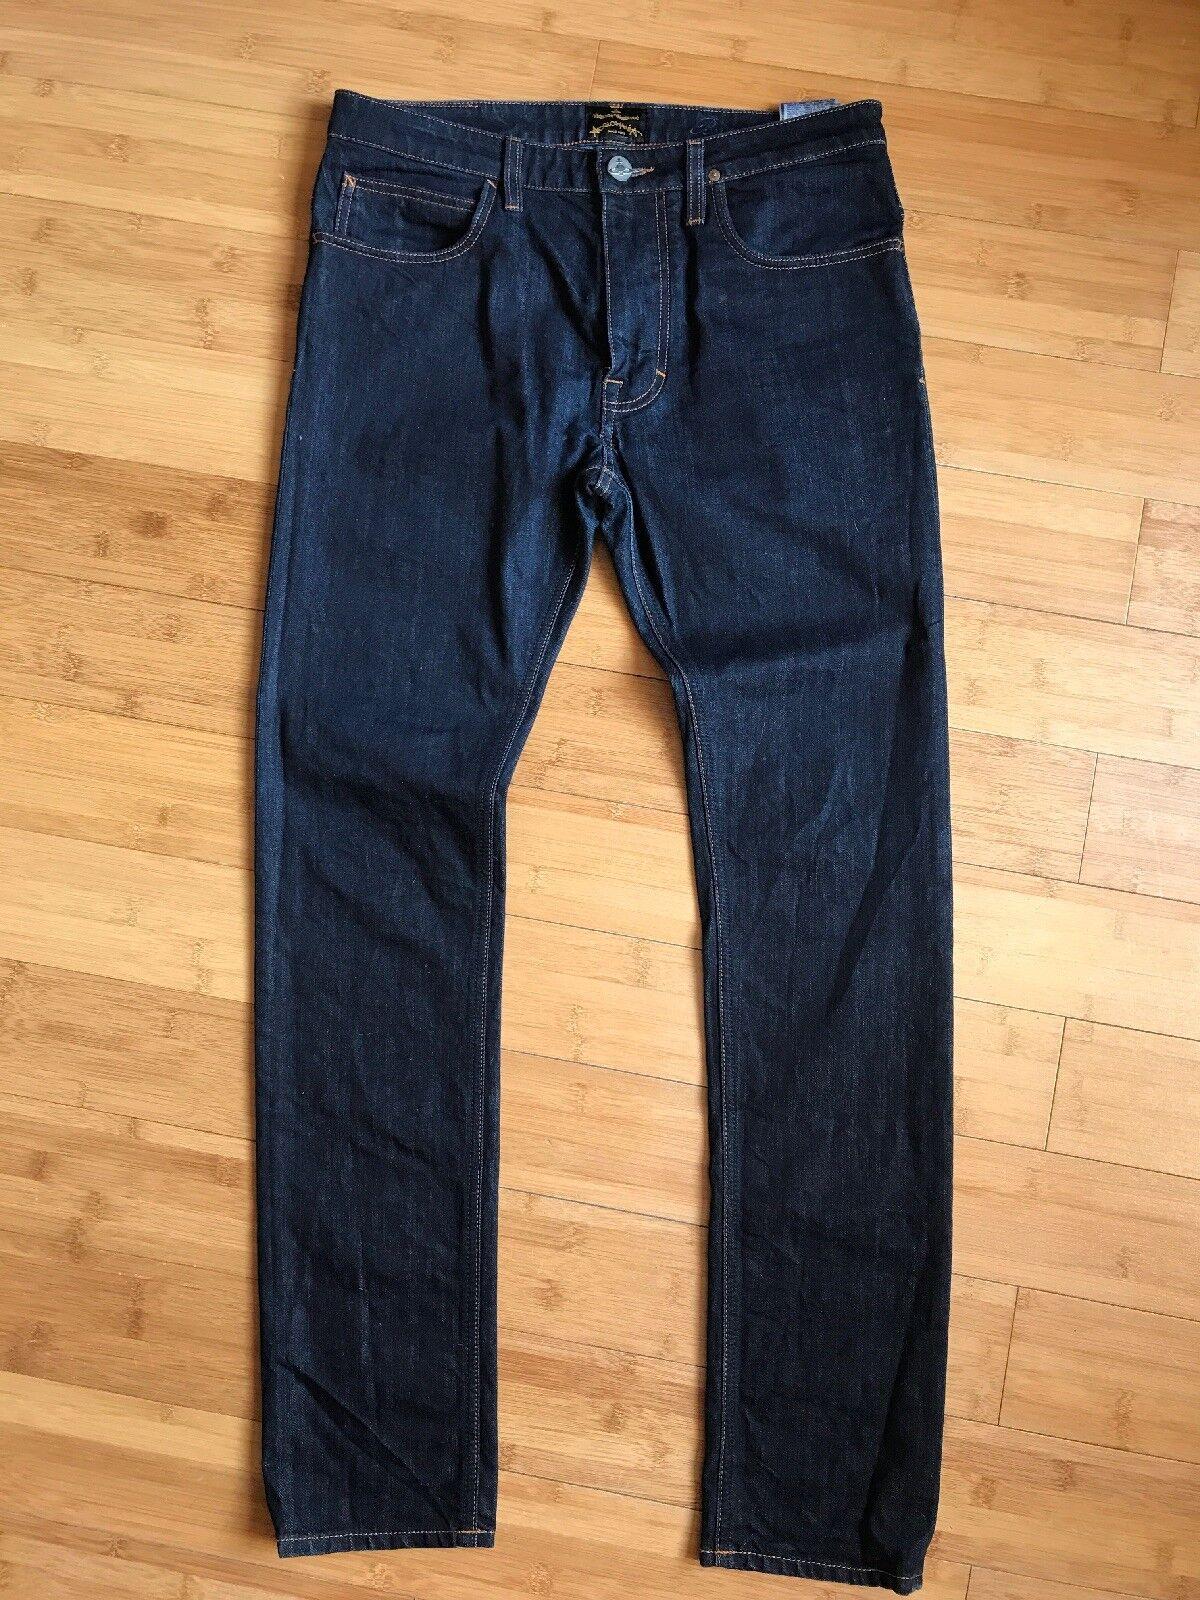 NUOVO senza etichetta VIVIENNE WESTWOOD ANGLOMANIA Uomo  Rock n'roll  Jeans   Blu Taglia 30 L31